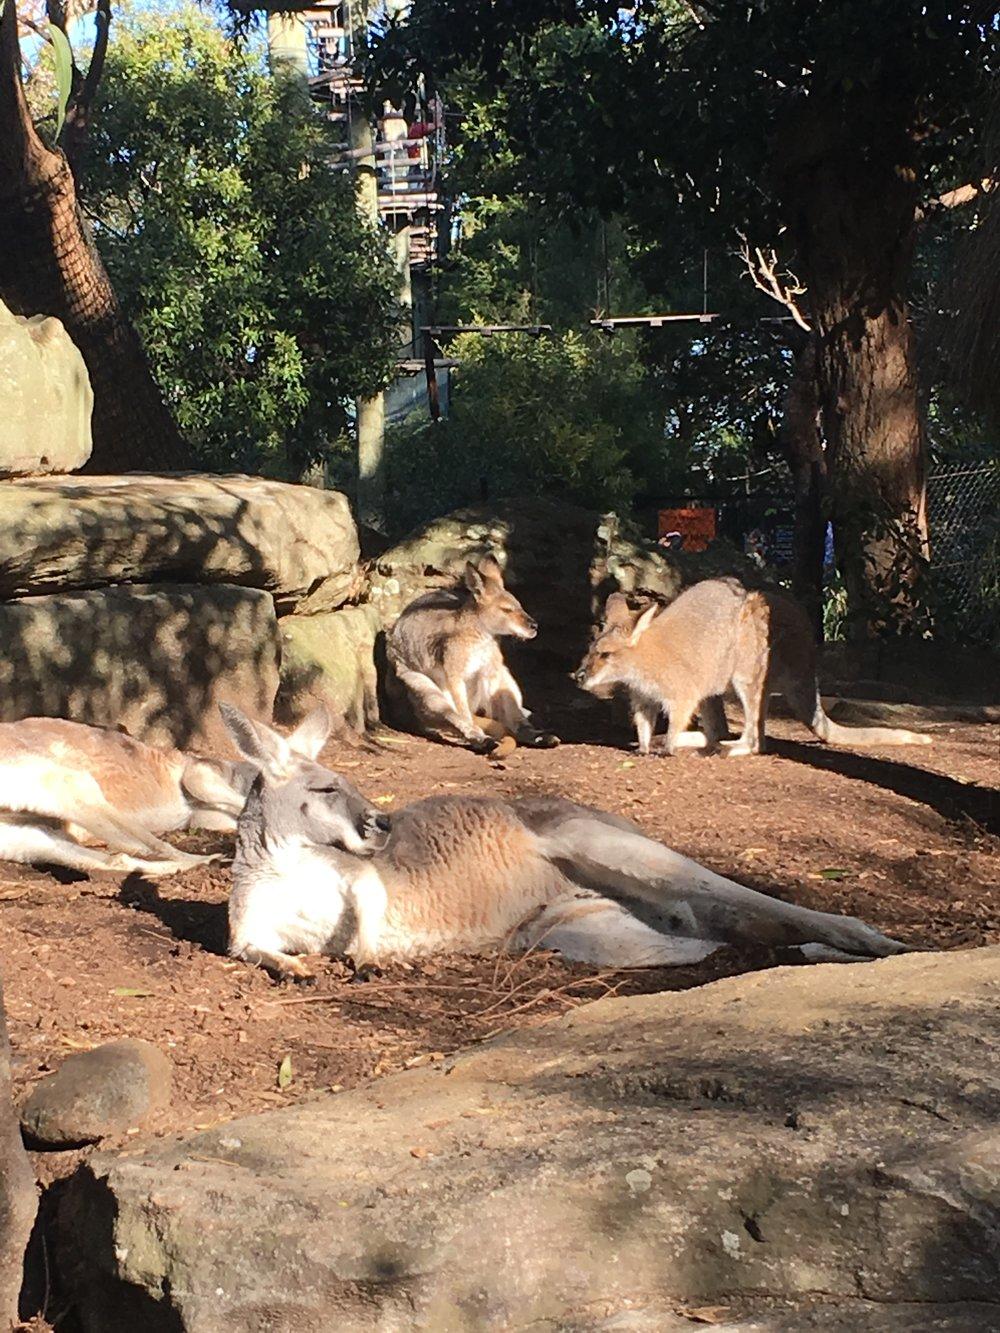 Kangaroos in Sydney